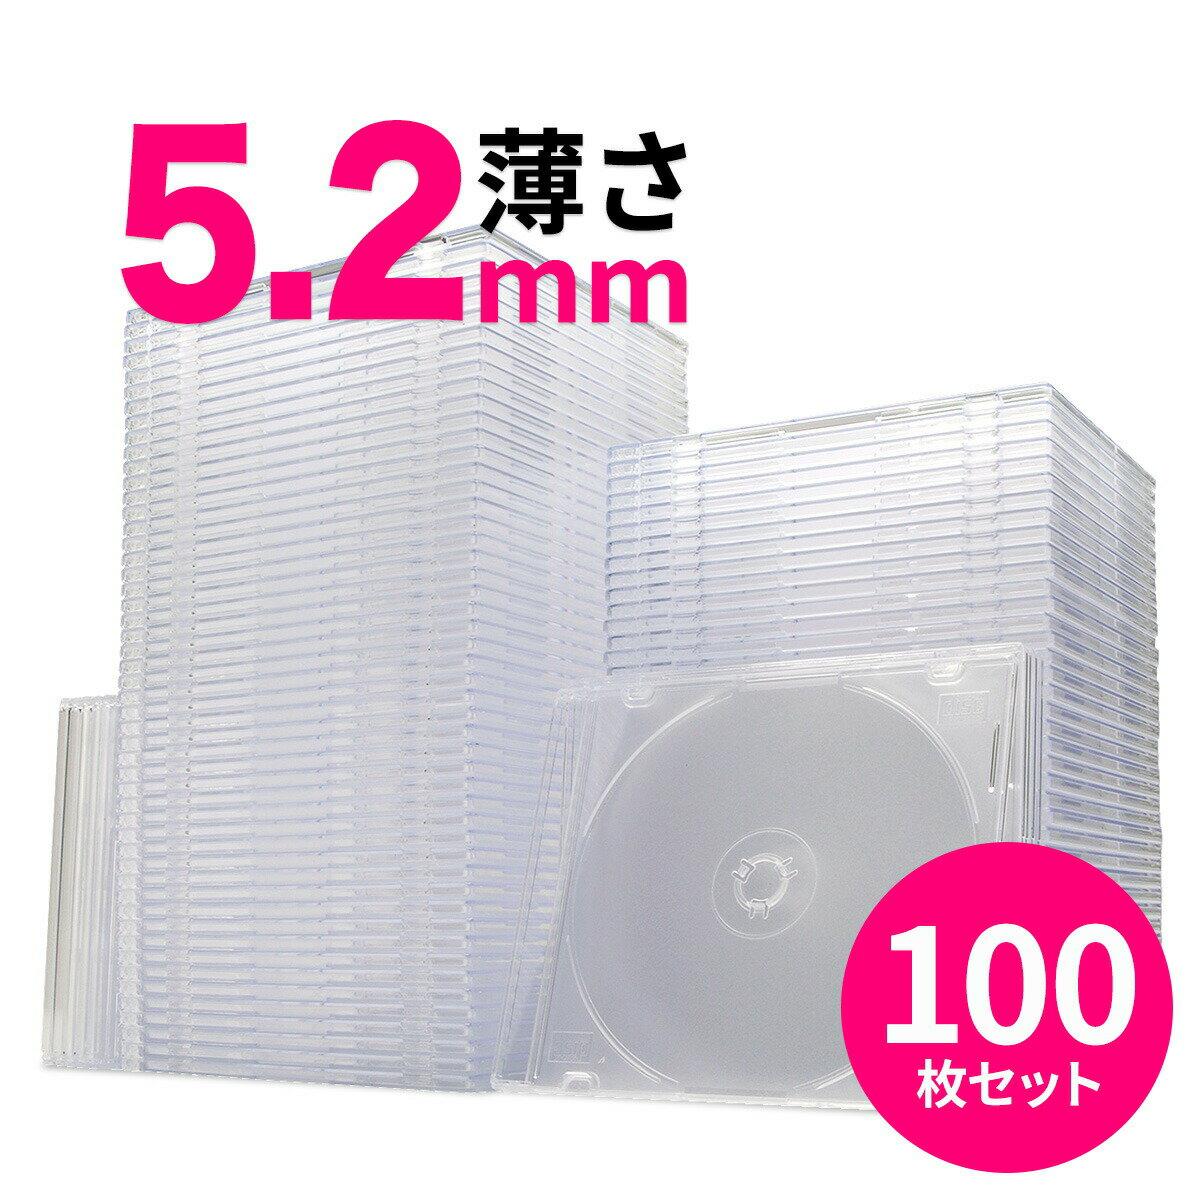 CDケース DVDケース ブルーレイケース 100枚セット プラケース スリムケース(5.2mm) 収納ケース メディアケース [200-FCD031-100]【サンワダイレクト限定品】